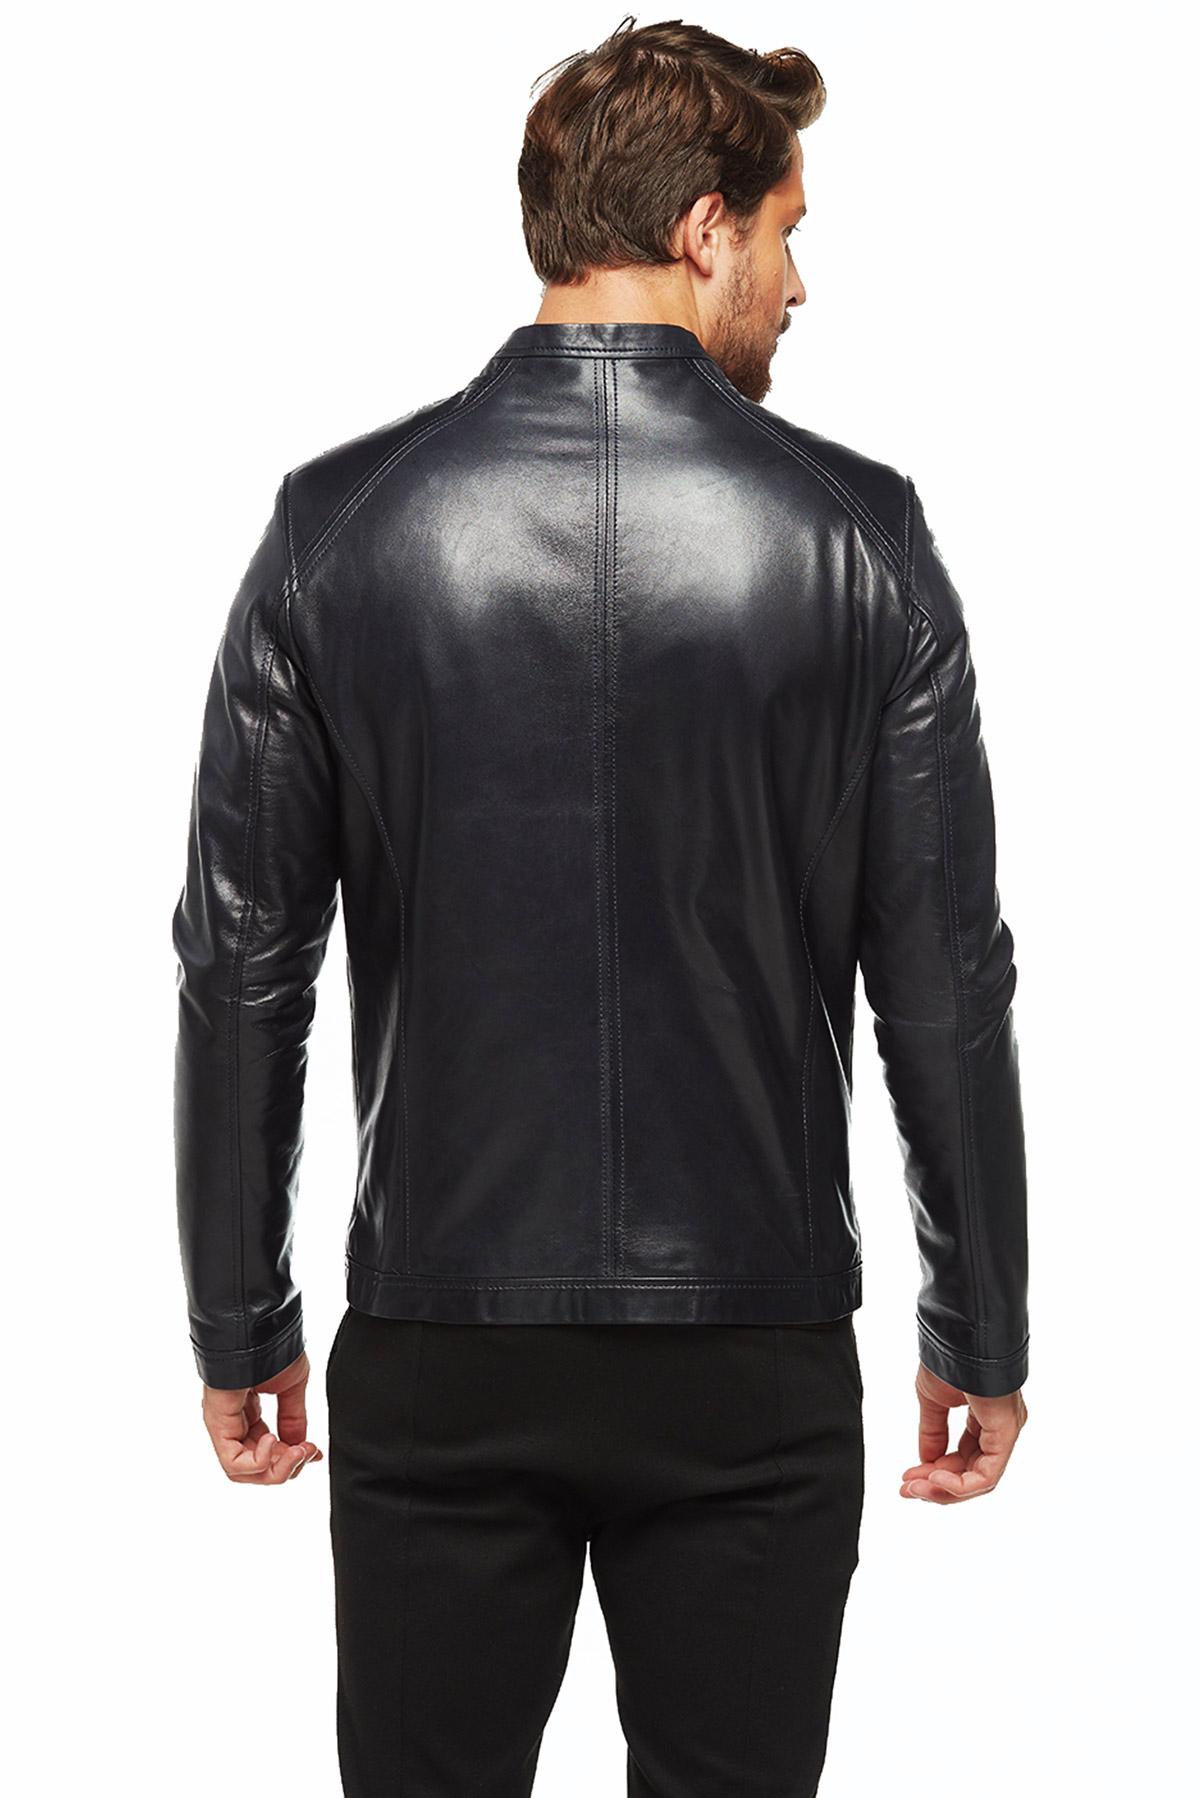 leather dress jacket